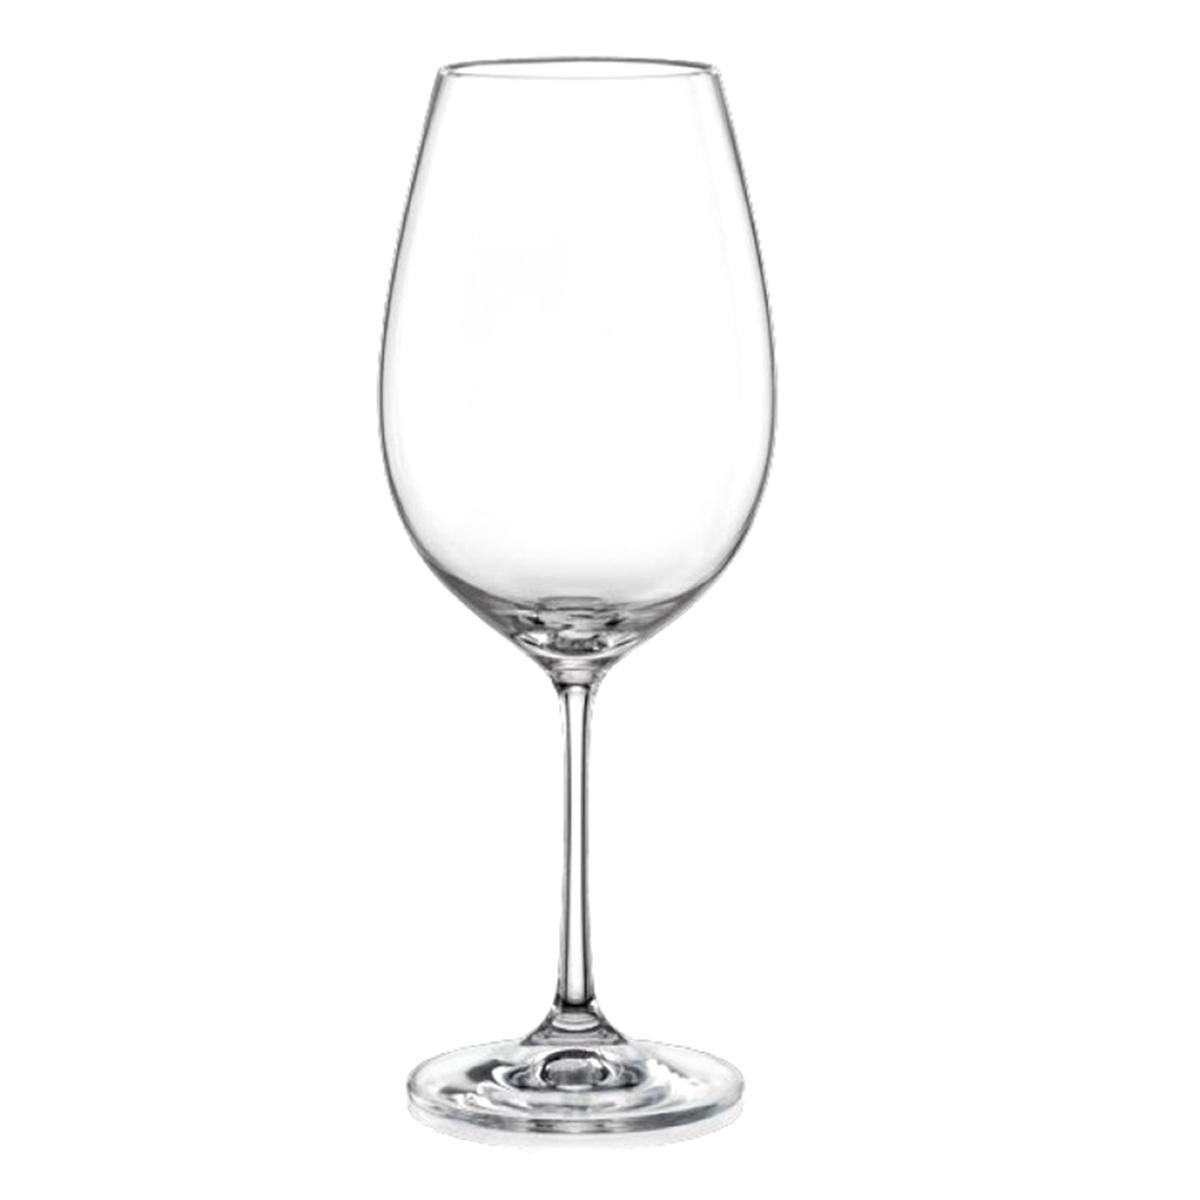 Набор бокалов для вина Bohemia Crystal Виола, 550 мл, 6 шт40729/550Бокалы для вина Bohemia Crystal коллекции Виола порадуют не только вас, но и ваших гостей. Они обладают привлекательным внешним видом, а материалом их изготовления является высококачественное хрустальное стекло. Кроме того, красоту бокала подчеркивает элегантная форма ножки. Объем бокала 550 мл. Количество в упаковке 6 шт.